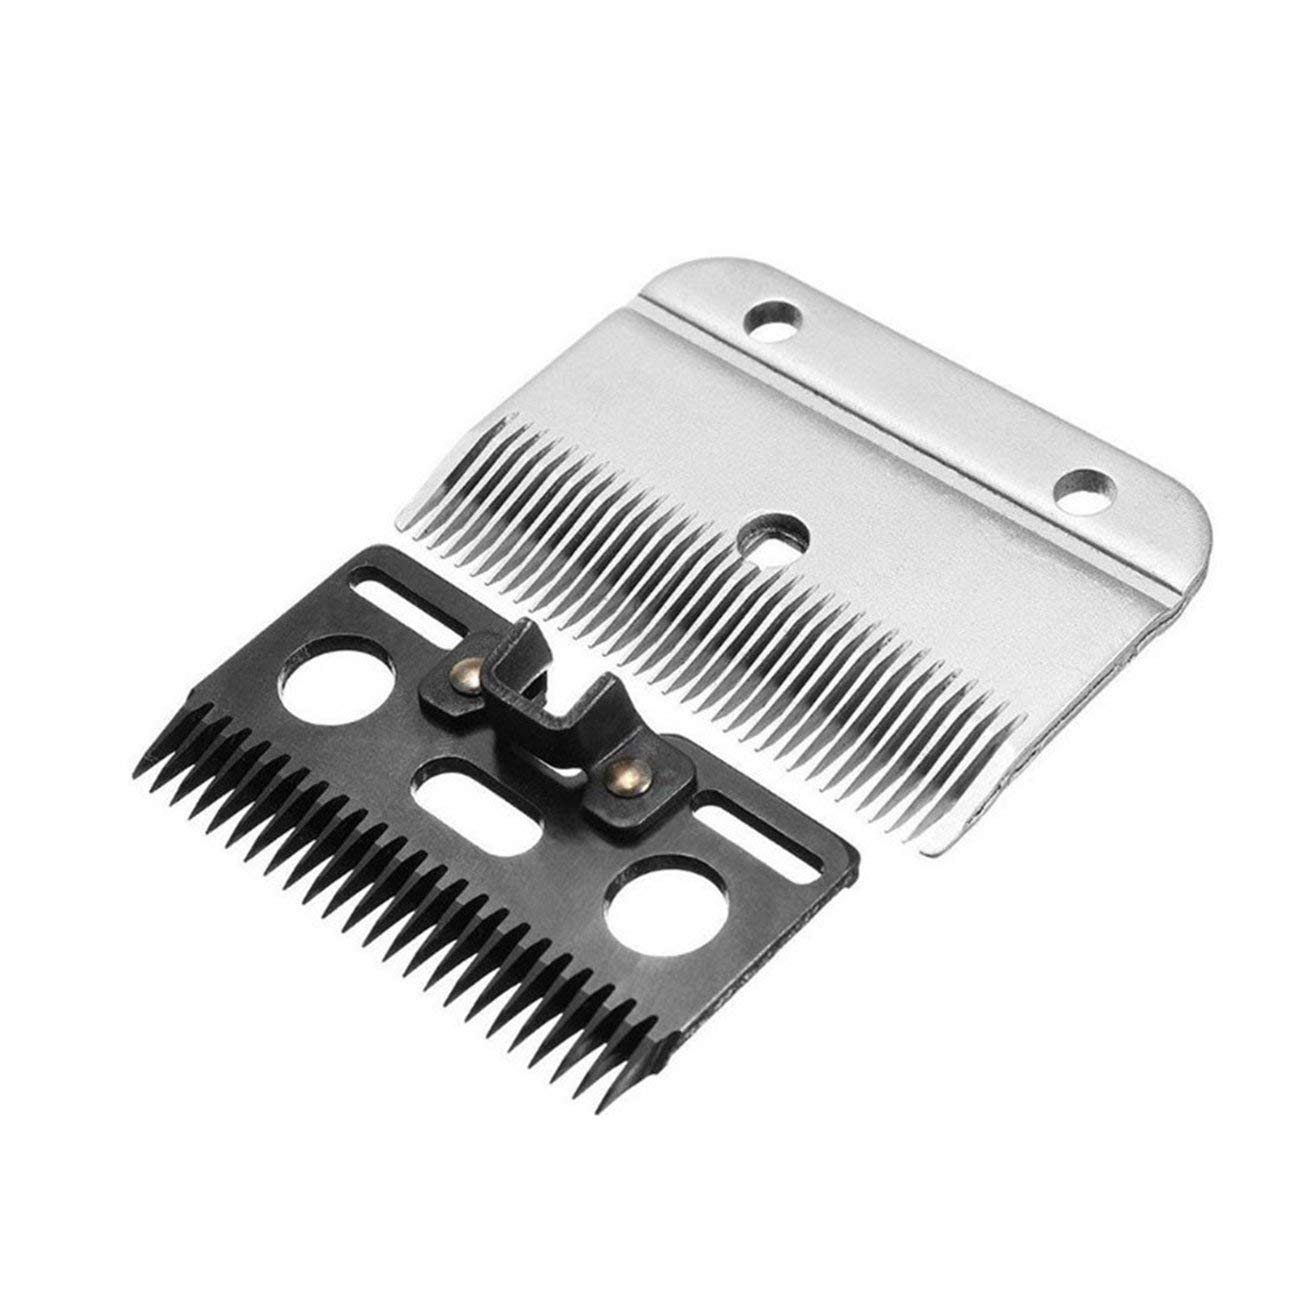 Ashley GAO Cuchillas de corte de caballo eléctrico para cortar peines, cuchillas de repuesto para dientes de 24 T+ 35 T